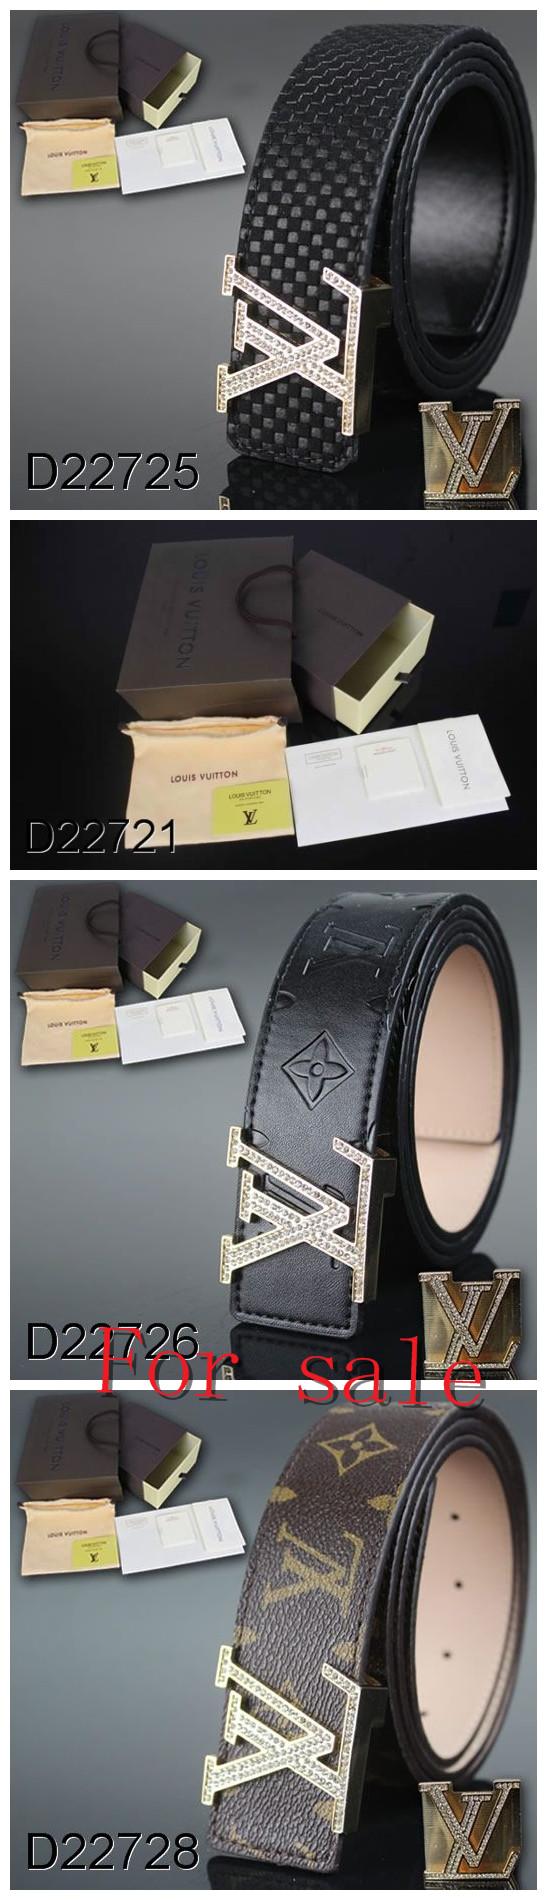 1a8362ff27753 Wholesale Louis Vuitton belts